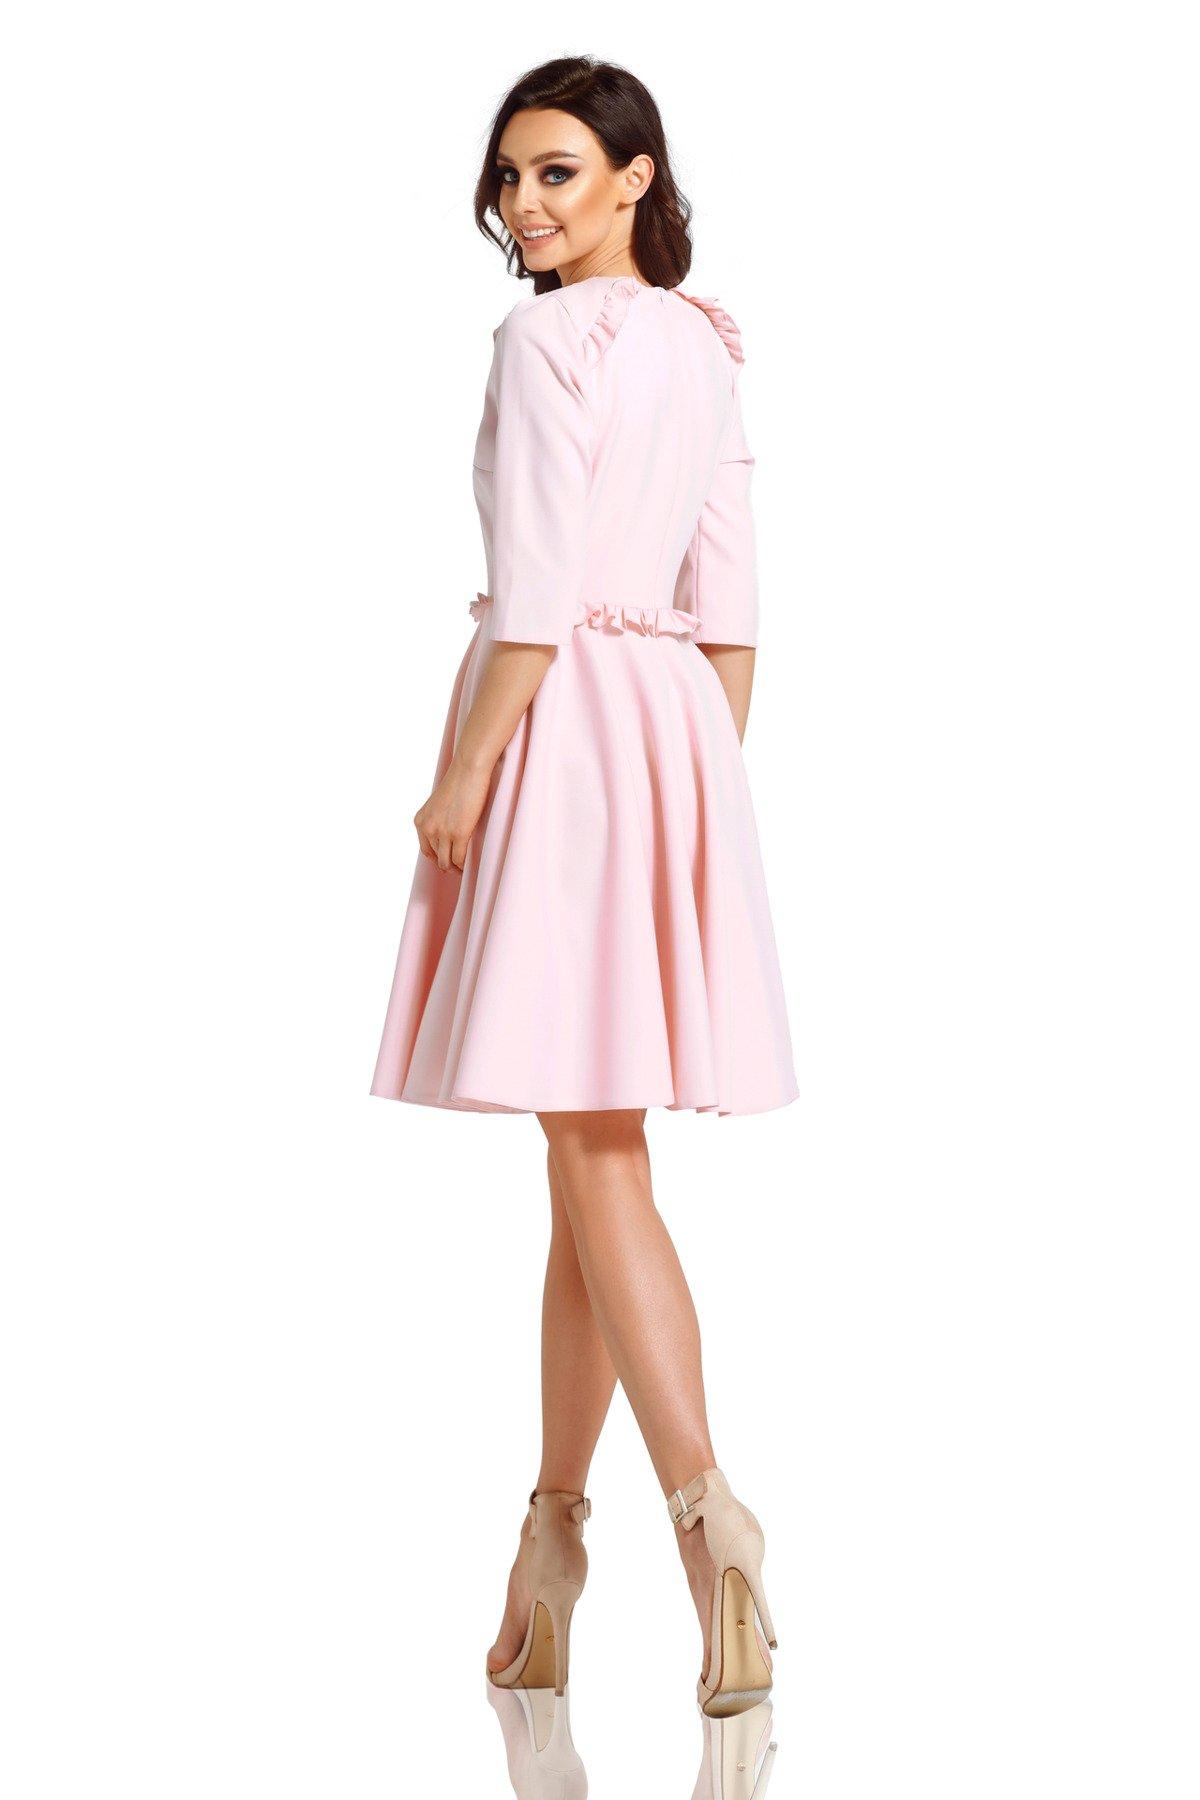 7fd3f27193 lemoniade Kobieca sukienka z falbankami pudrowy róż - Merg.pl